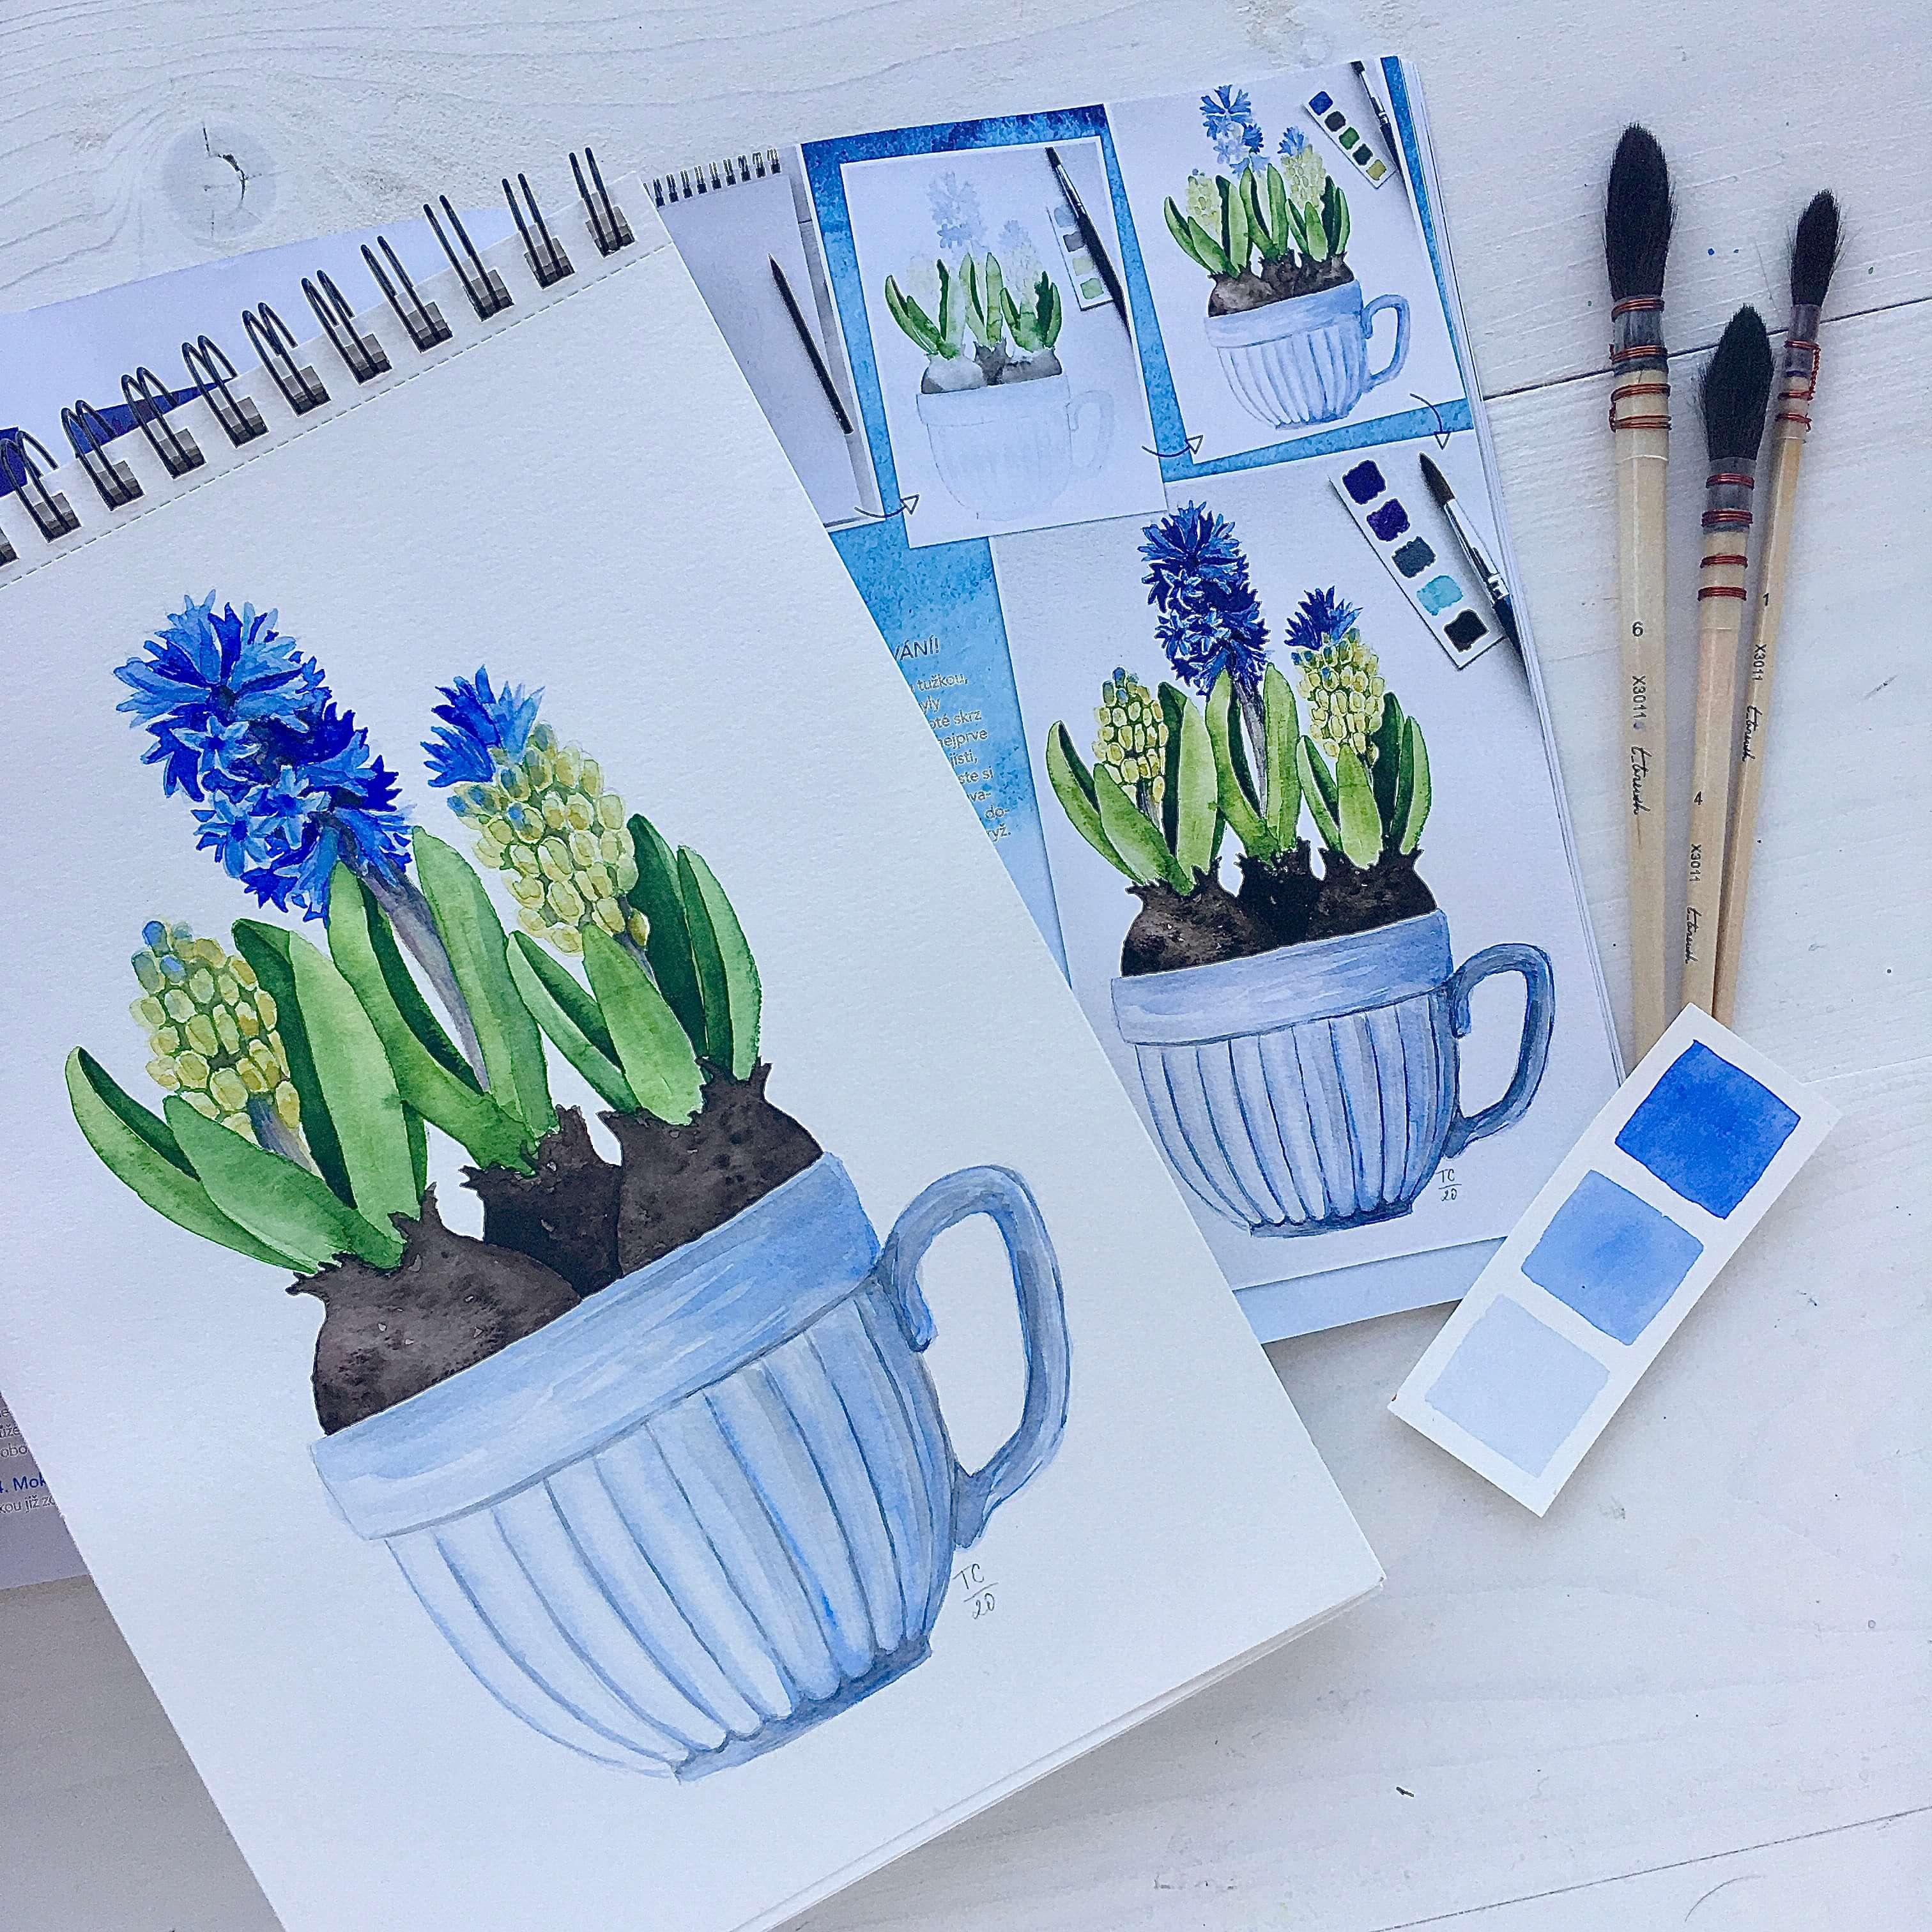 Papír, moje vášeň - Atelier Amateur